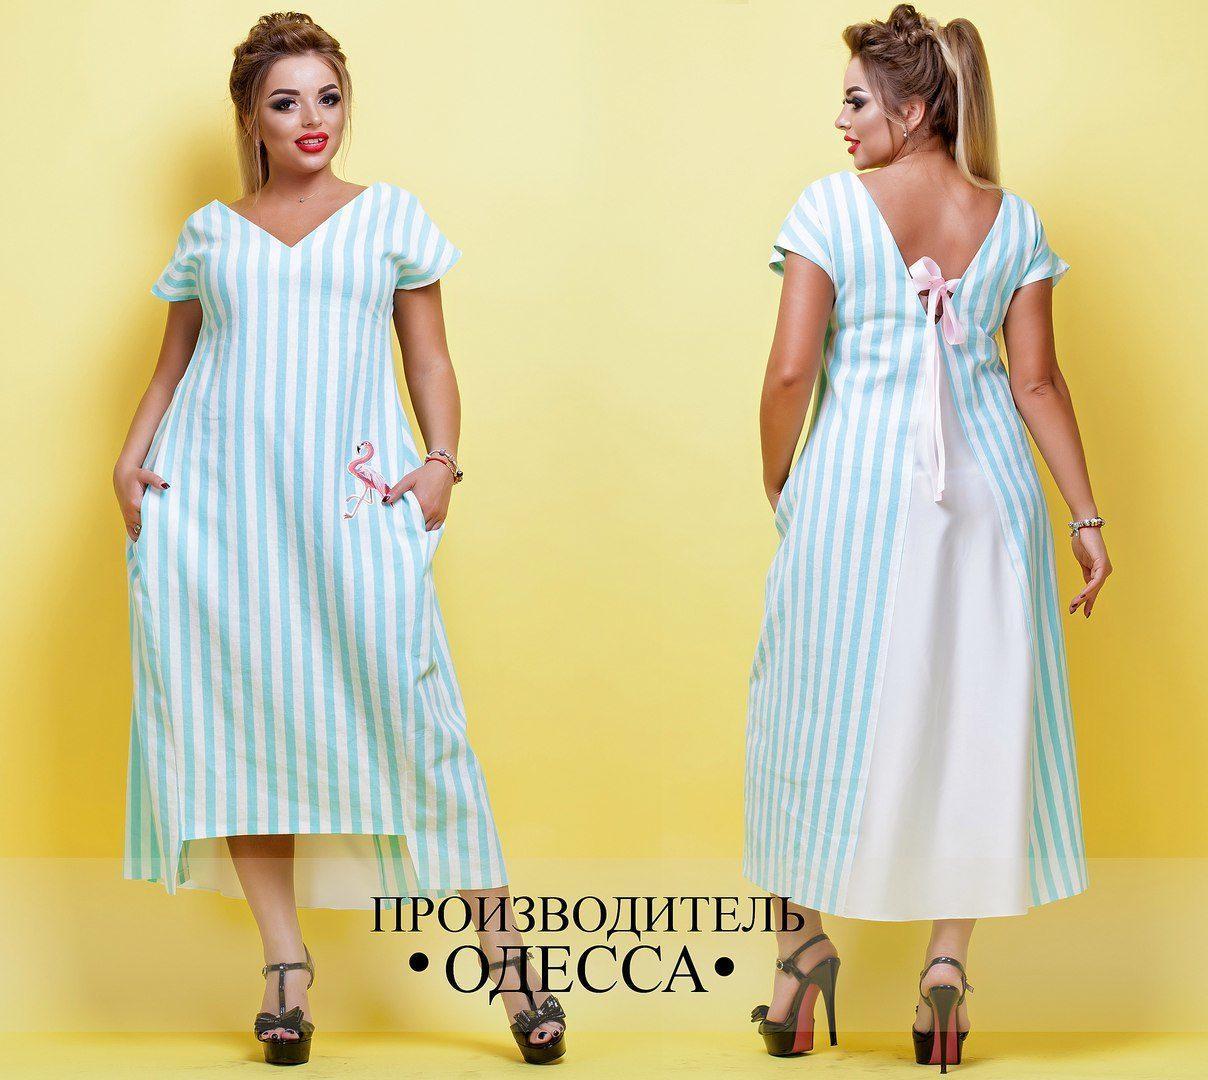 Интересное   летнее    платье  из льна свободного фасона  в  бело-голубую полоску батал  с  48  по 60 размер